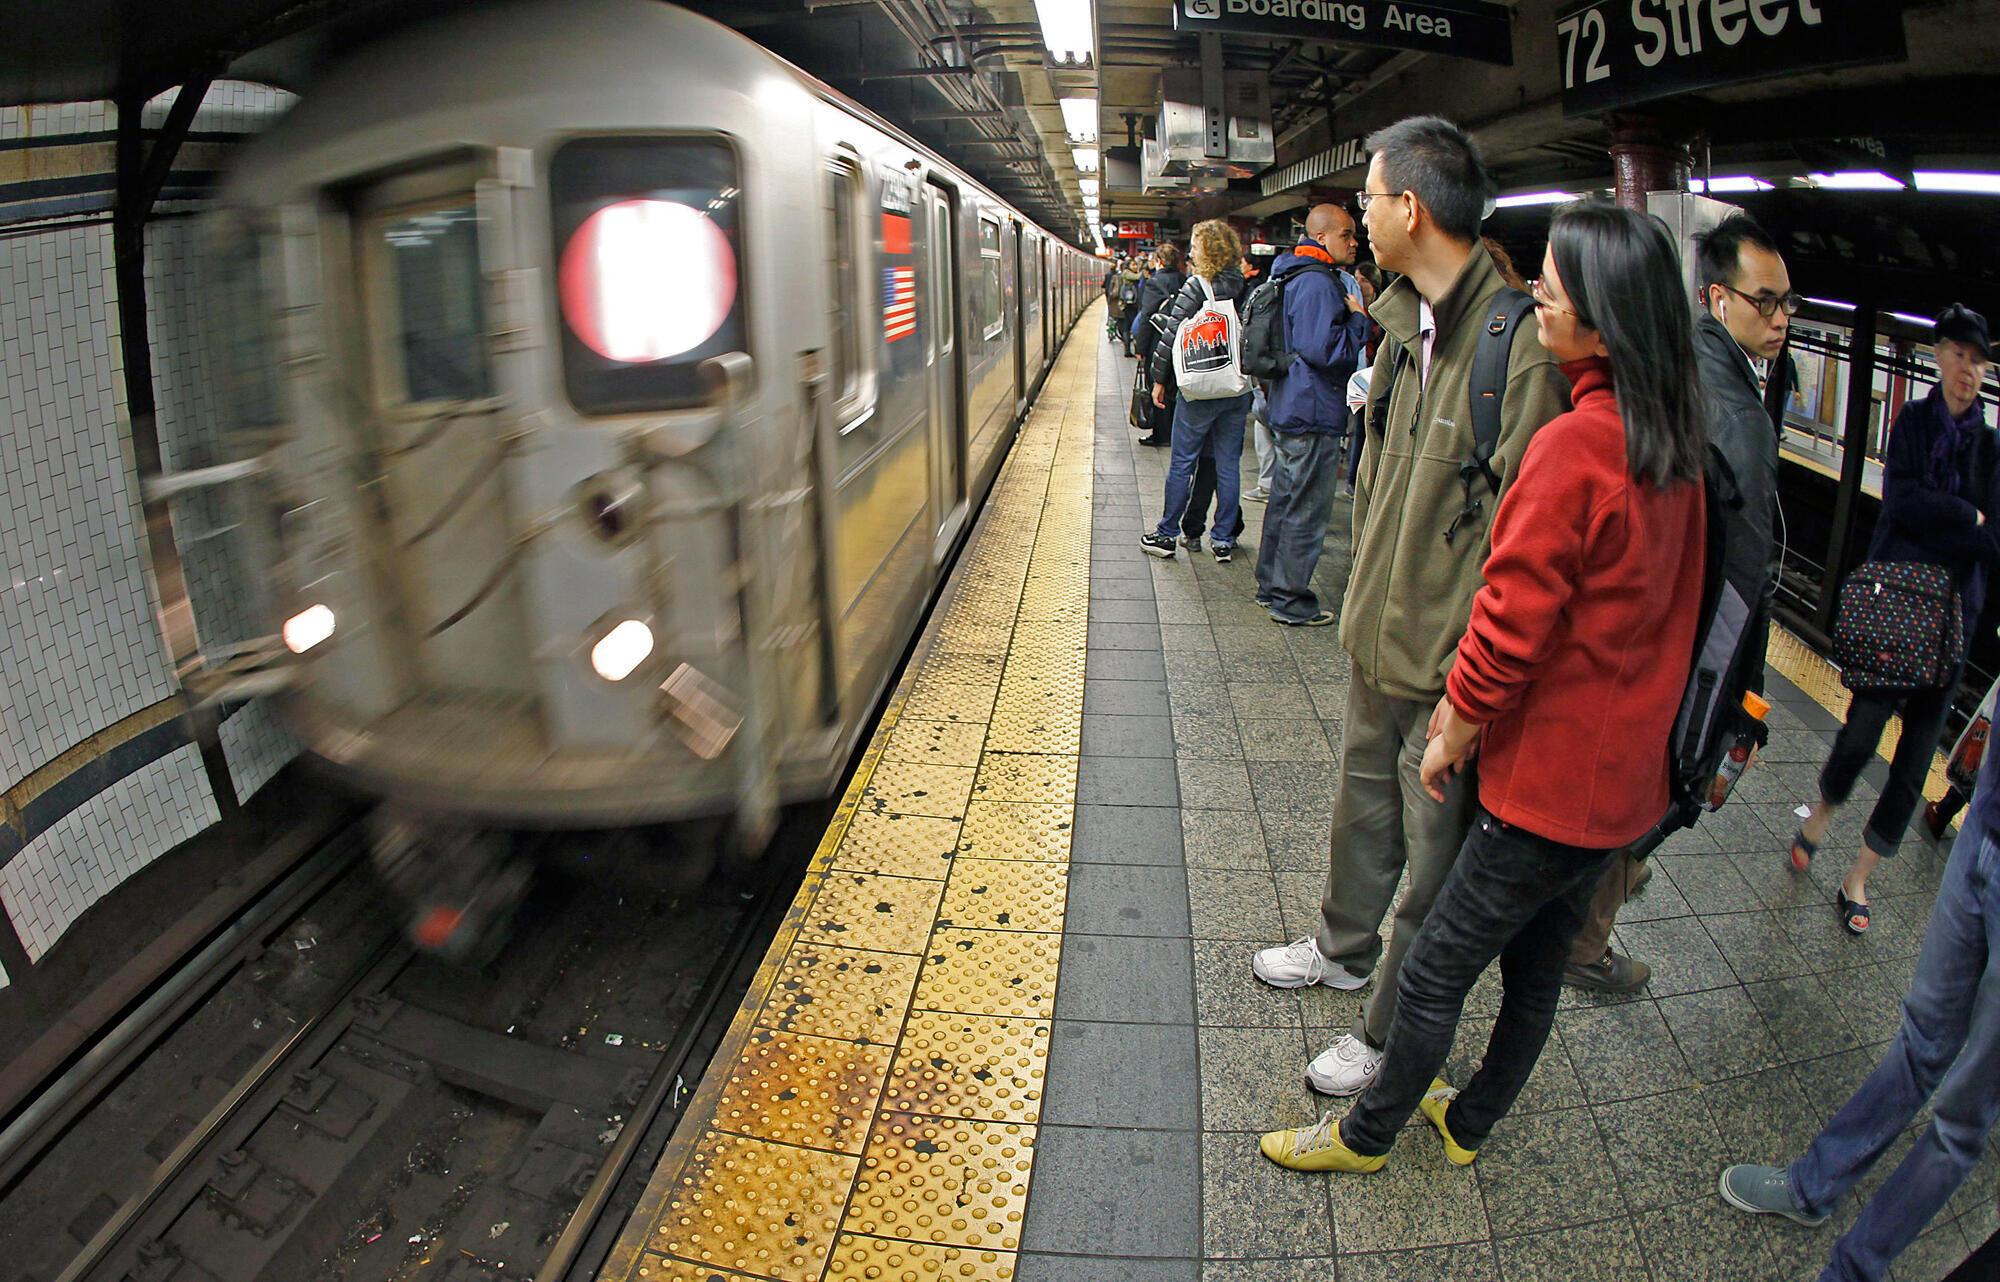 Một chuyến xe điện ngầm sau nửa đêm tại New York